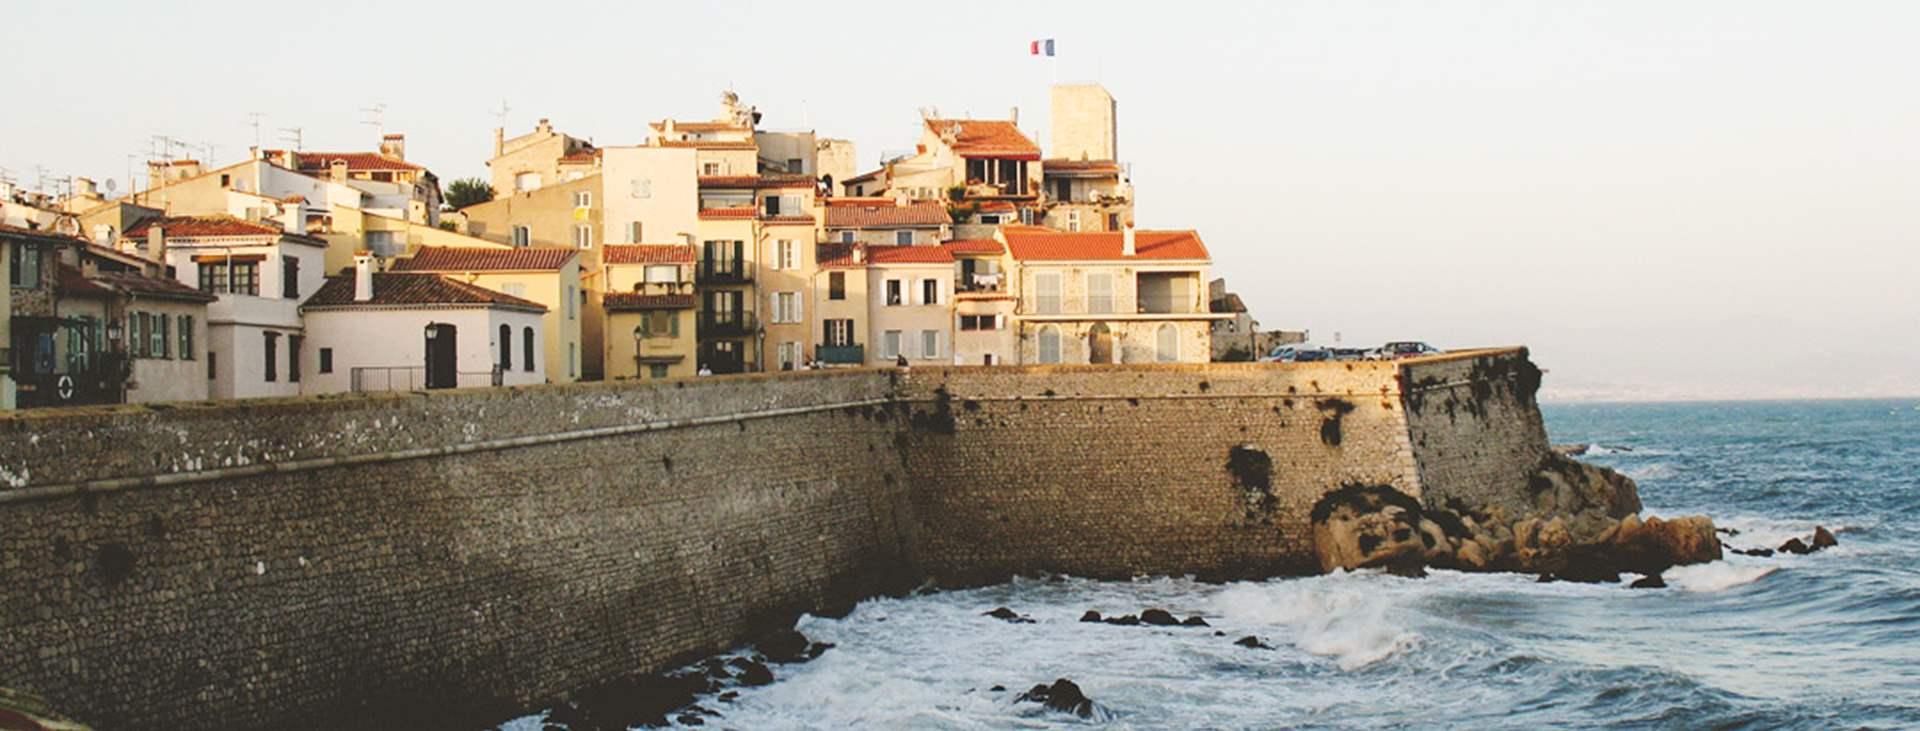 Bestill en reise til Antibes/Juan Les Pins i Frankrike med Ving